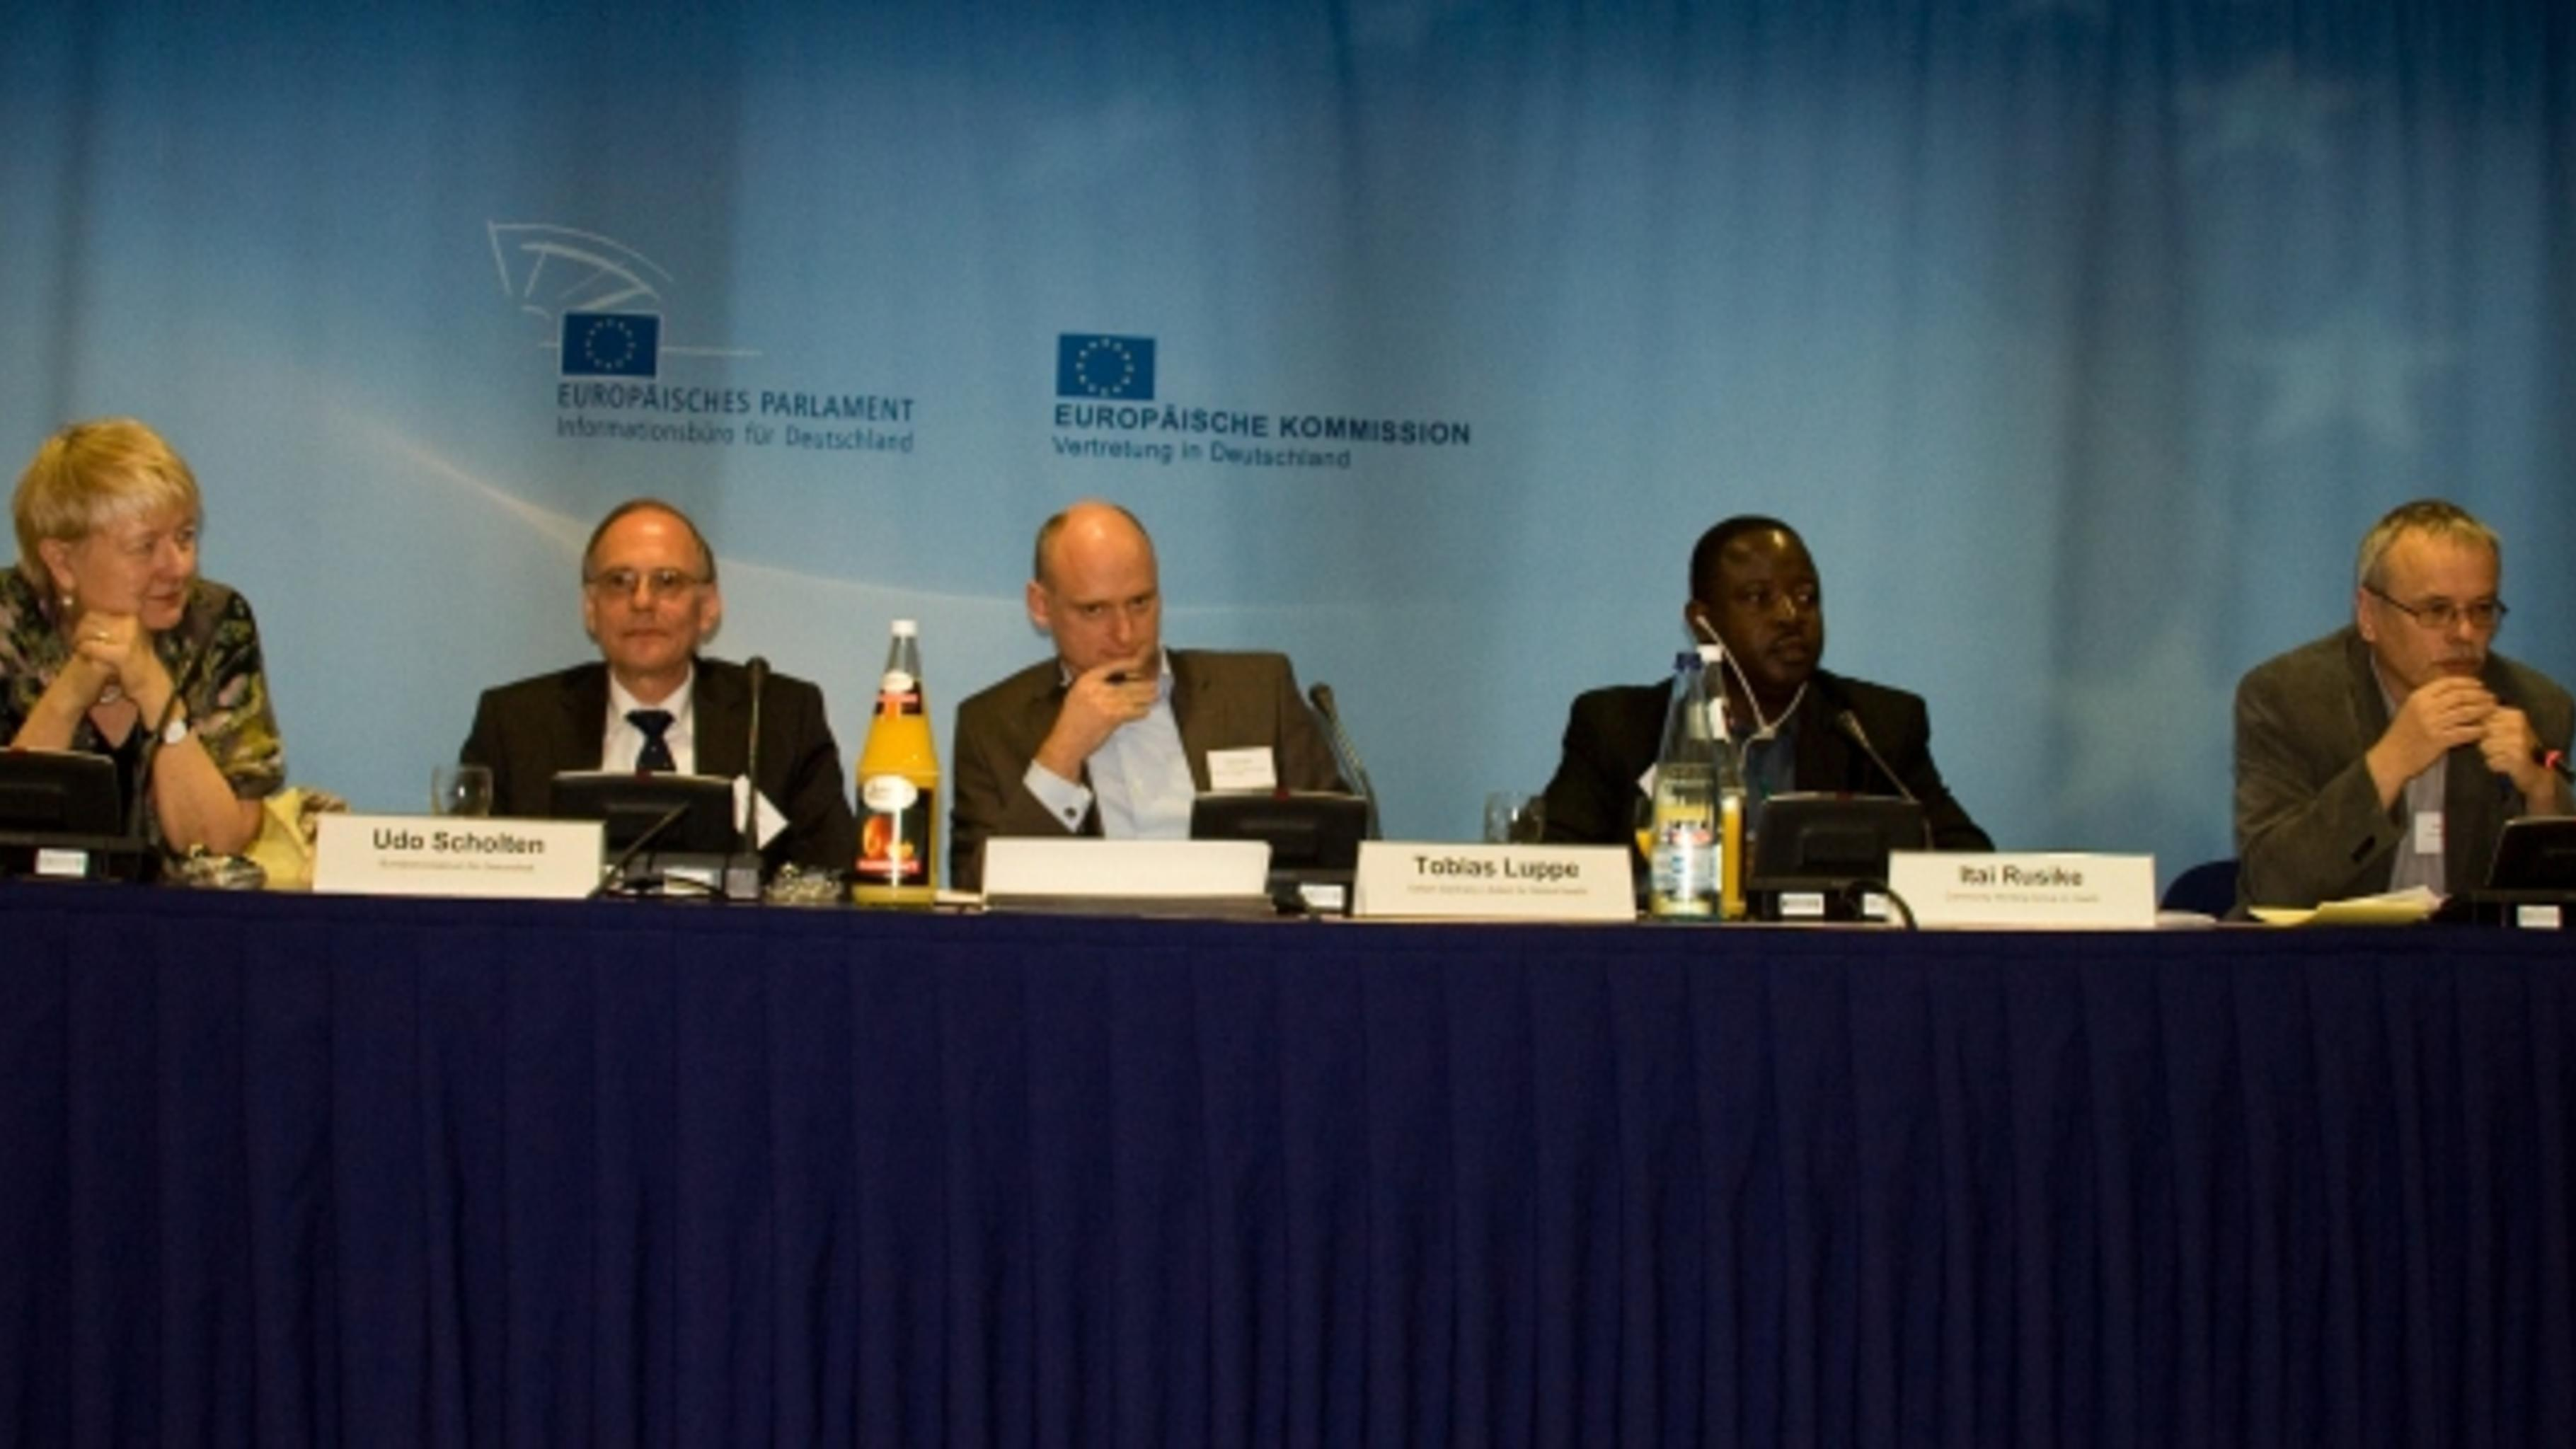 Ilona Kickbusch, Udo Scholten, Tobias Luppe, Itai Rusike und Uwe Kekeritz. © Oxf